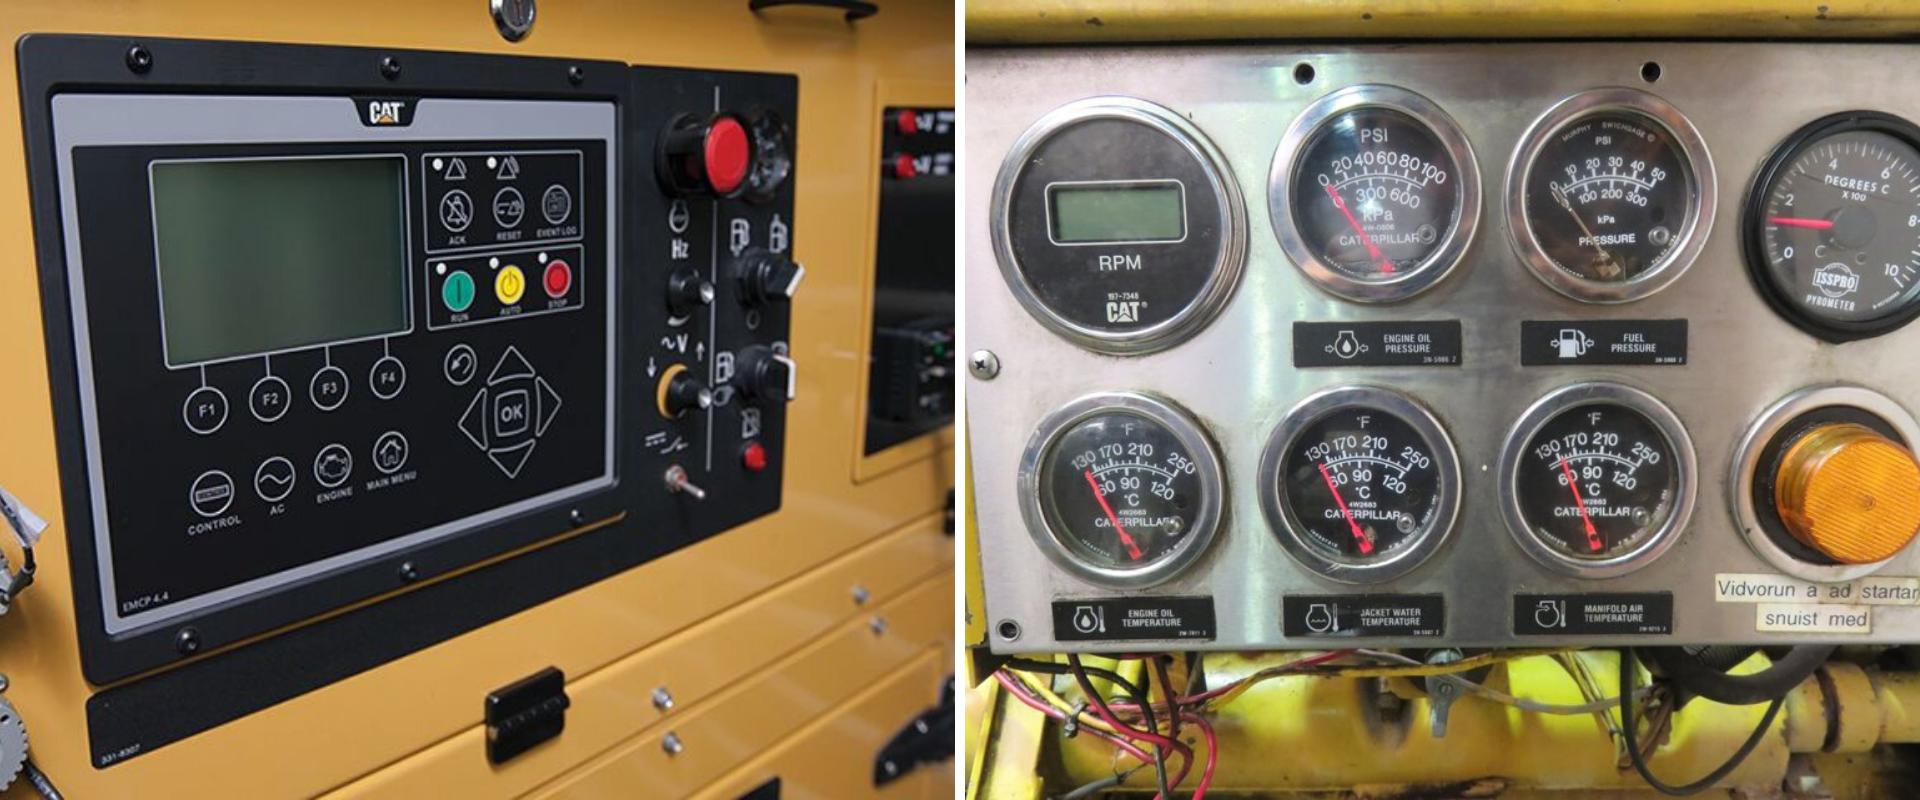 Tableros de control propios de equipos de generación.